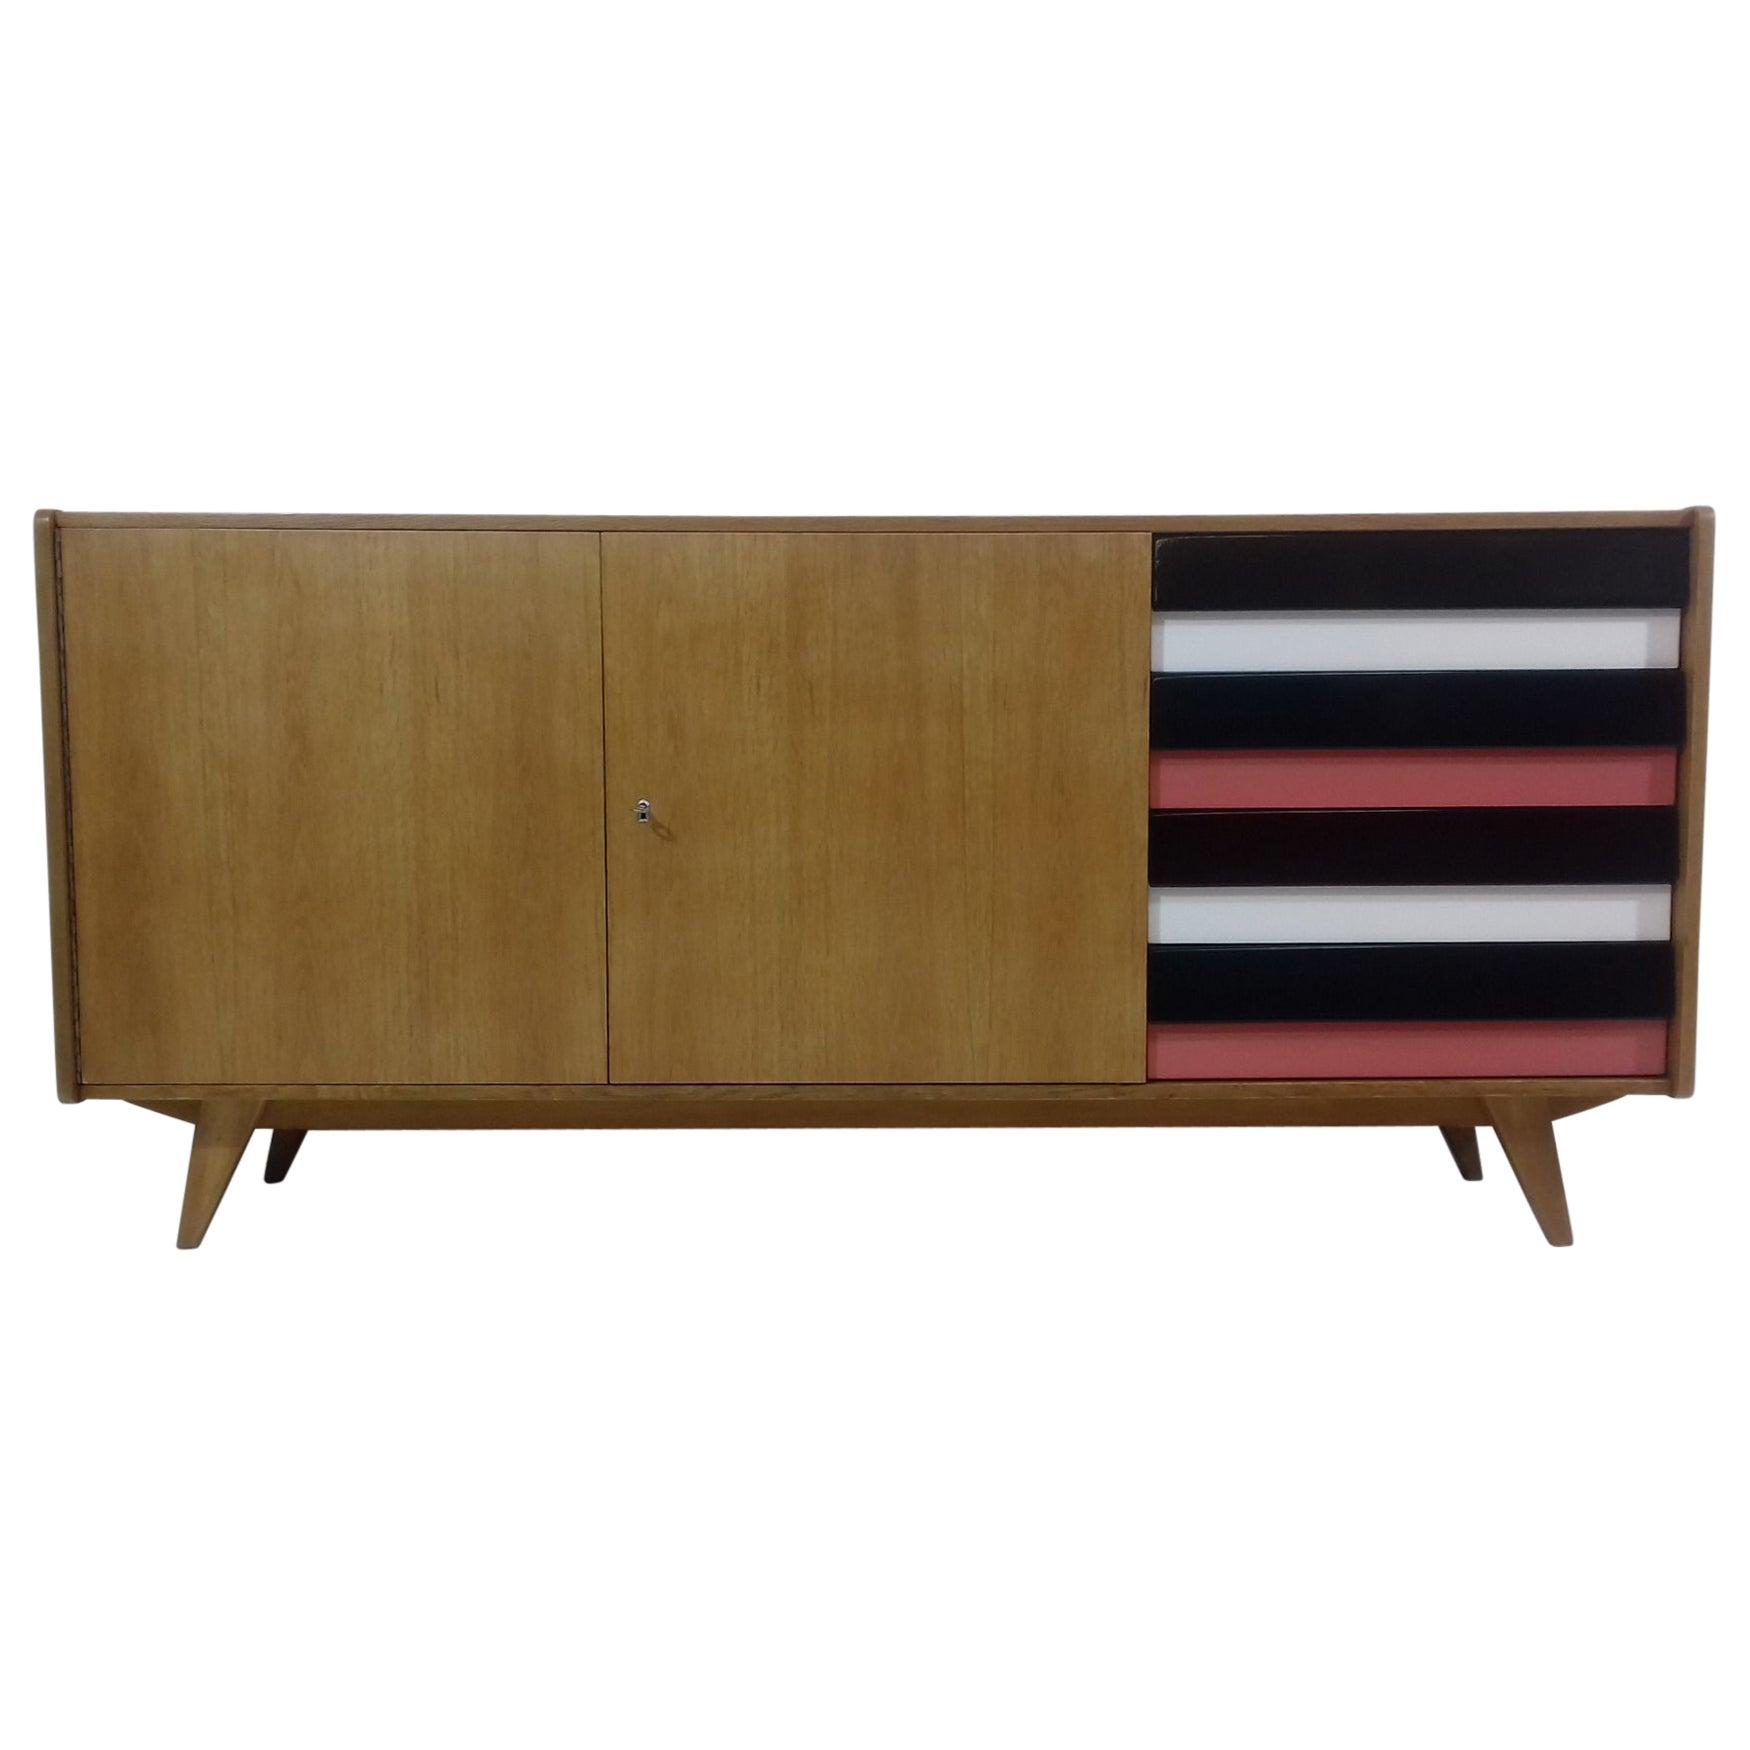 Midcentury Sideboard Designed by Jiří Jiroutek, 1960s